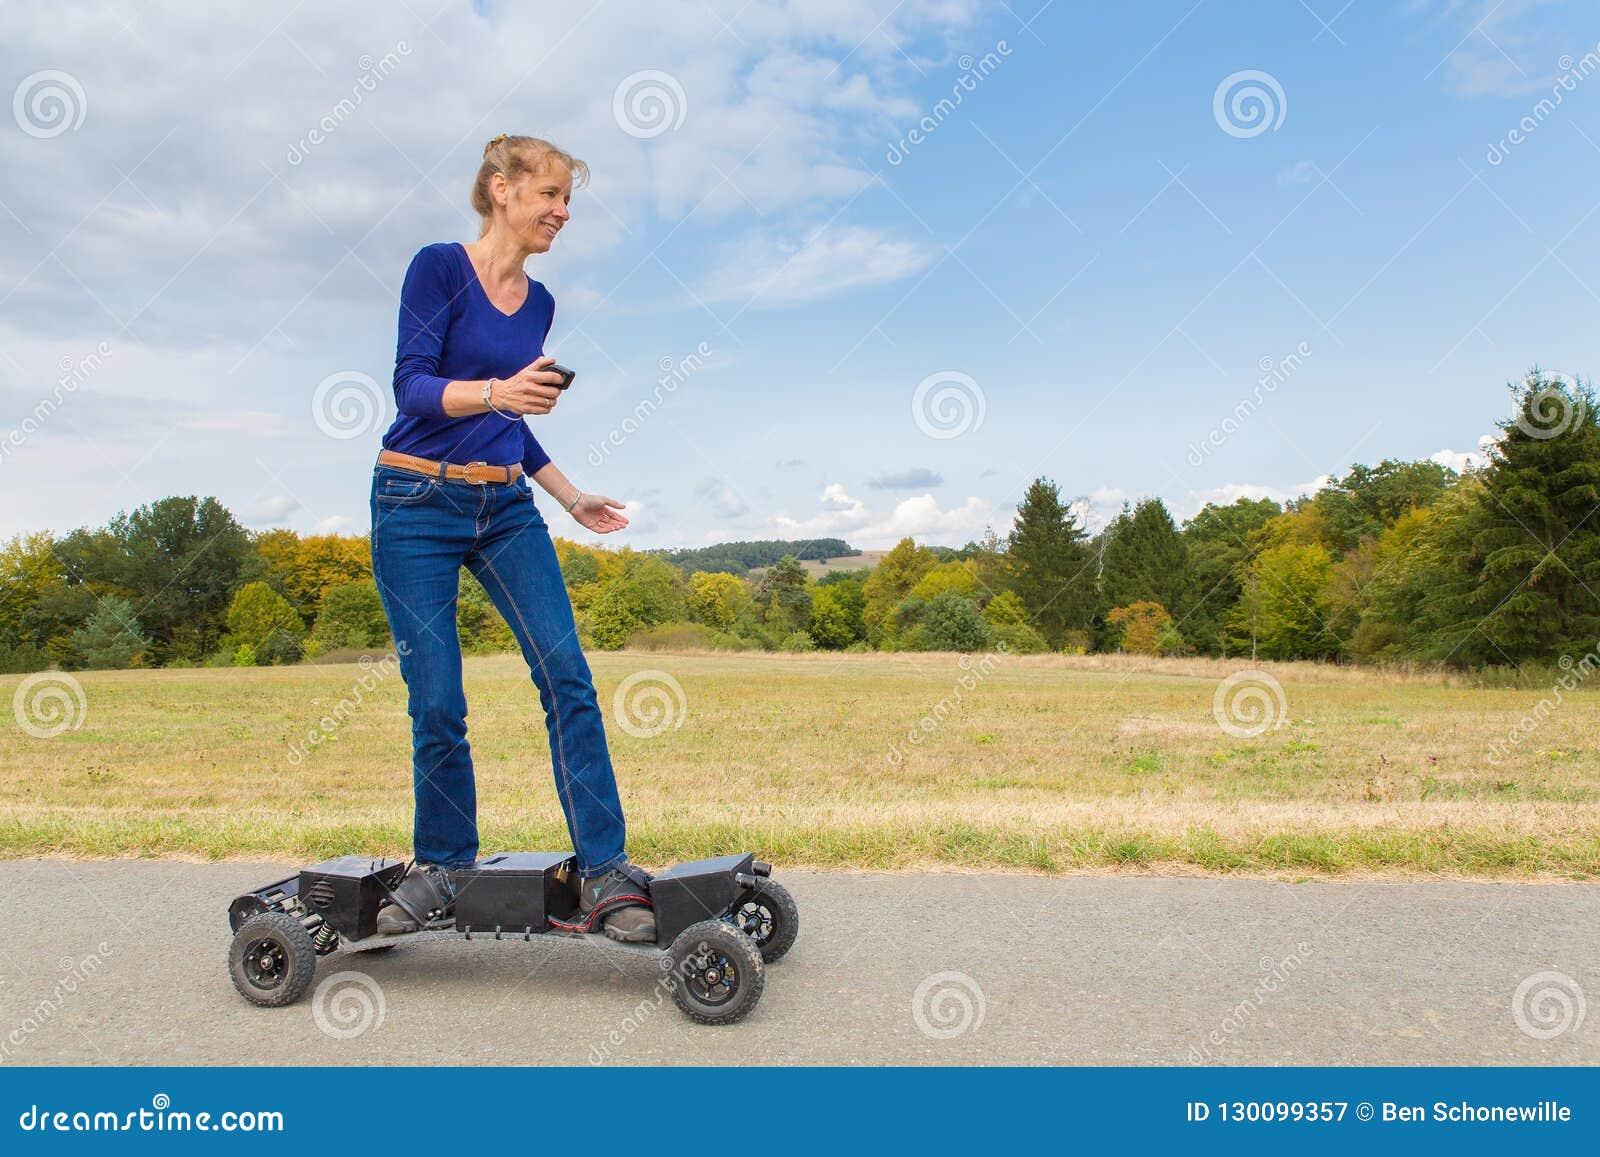 Niederländische Frau fährt elektrisches mountainboard in der Natur